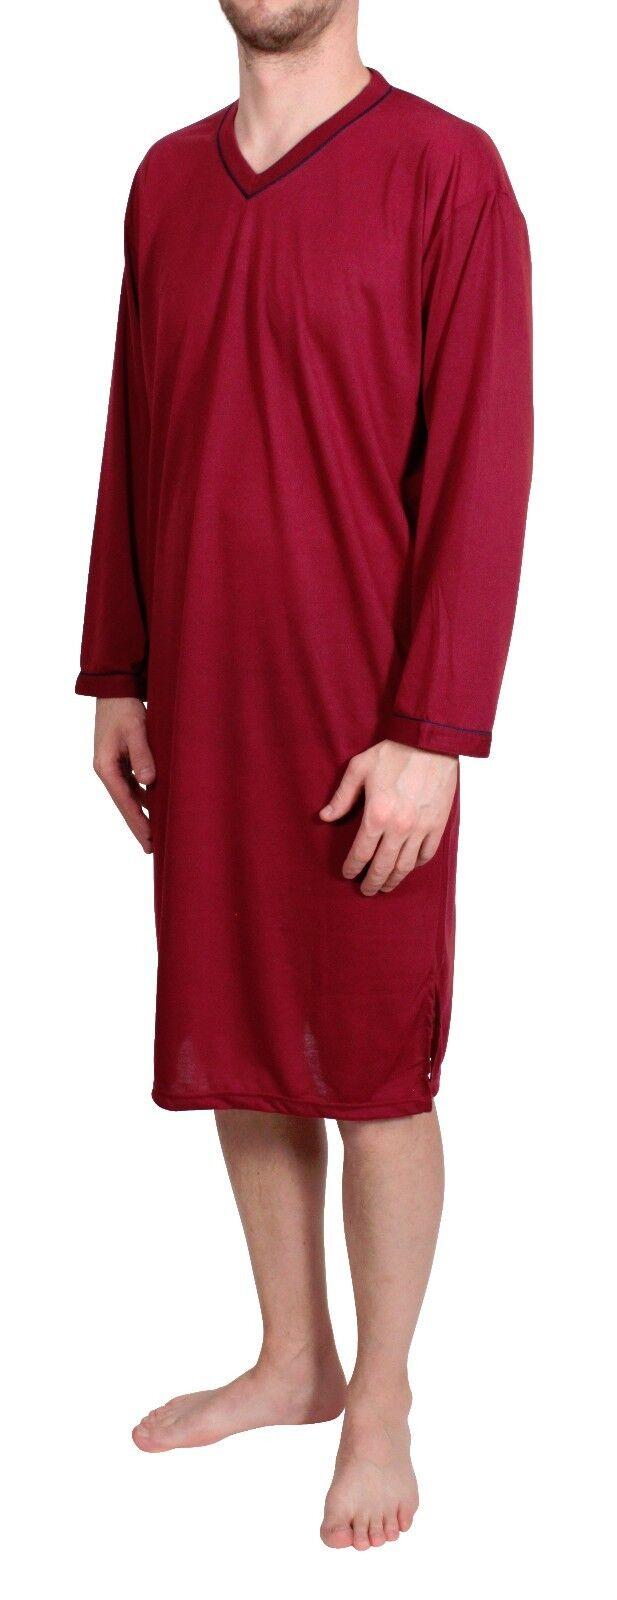 Uomo Camicia da notte maniche lunghe pigiama vestaglia Biancheria cotone